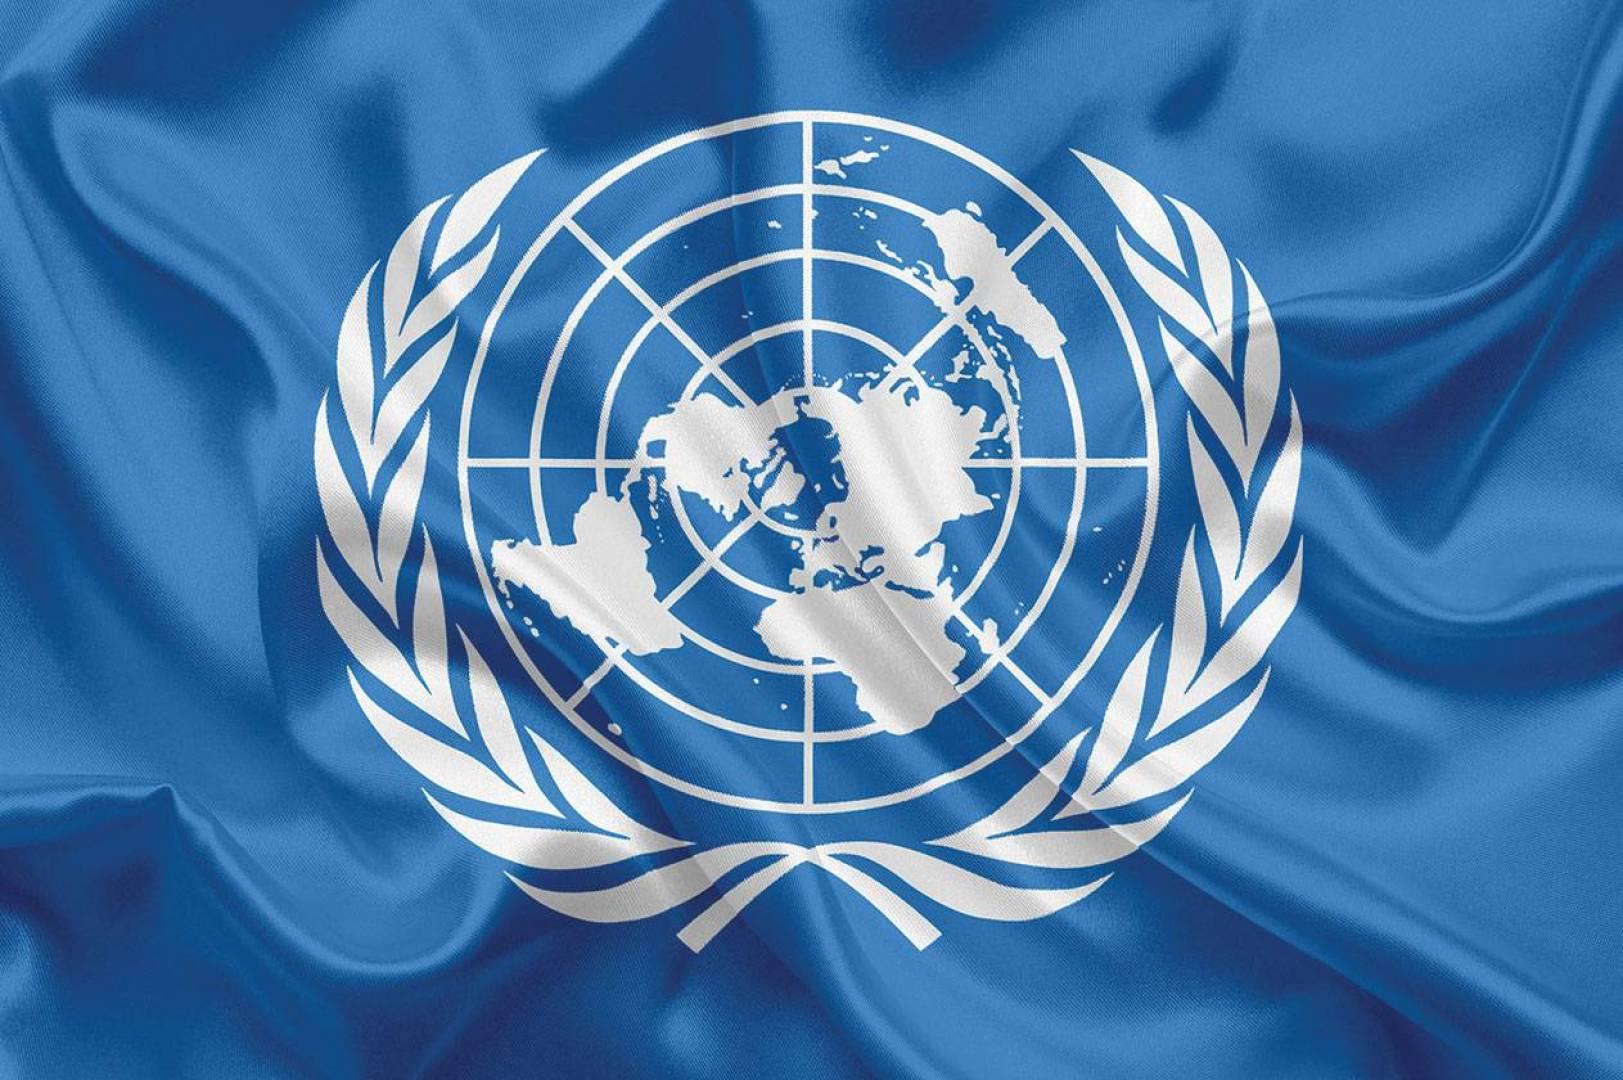 الأمم المتحدة: لجنة خبراء وصلت إلى السعودية للمشاركة بالتحقيق في الهجوم على منشآت أرامكو